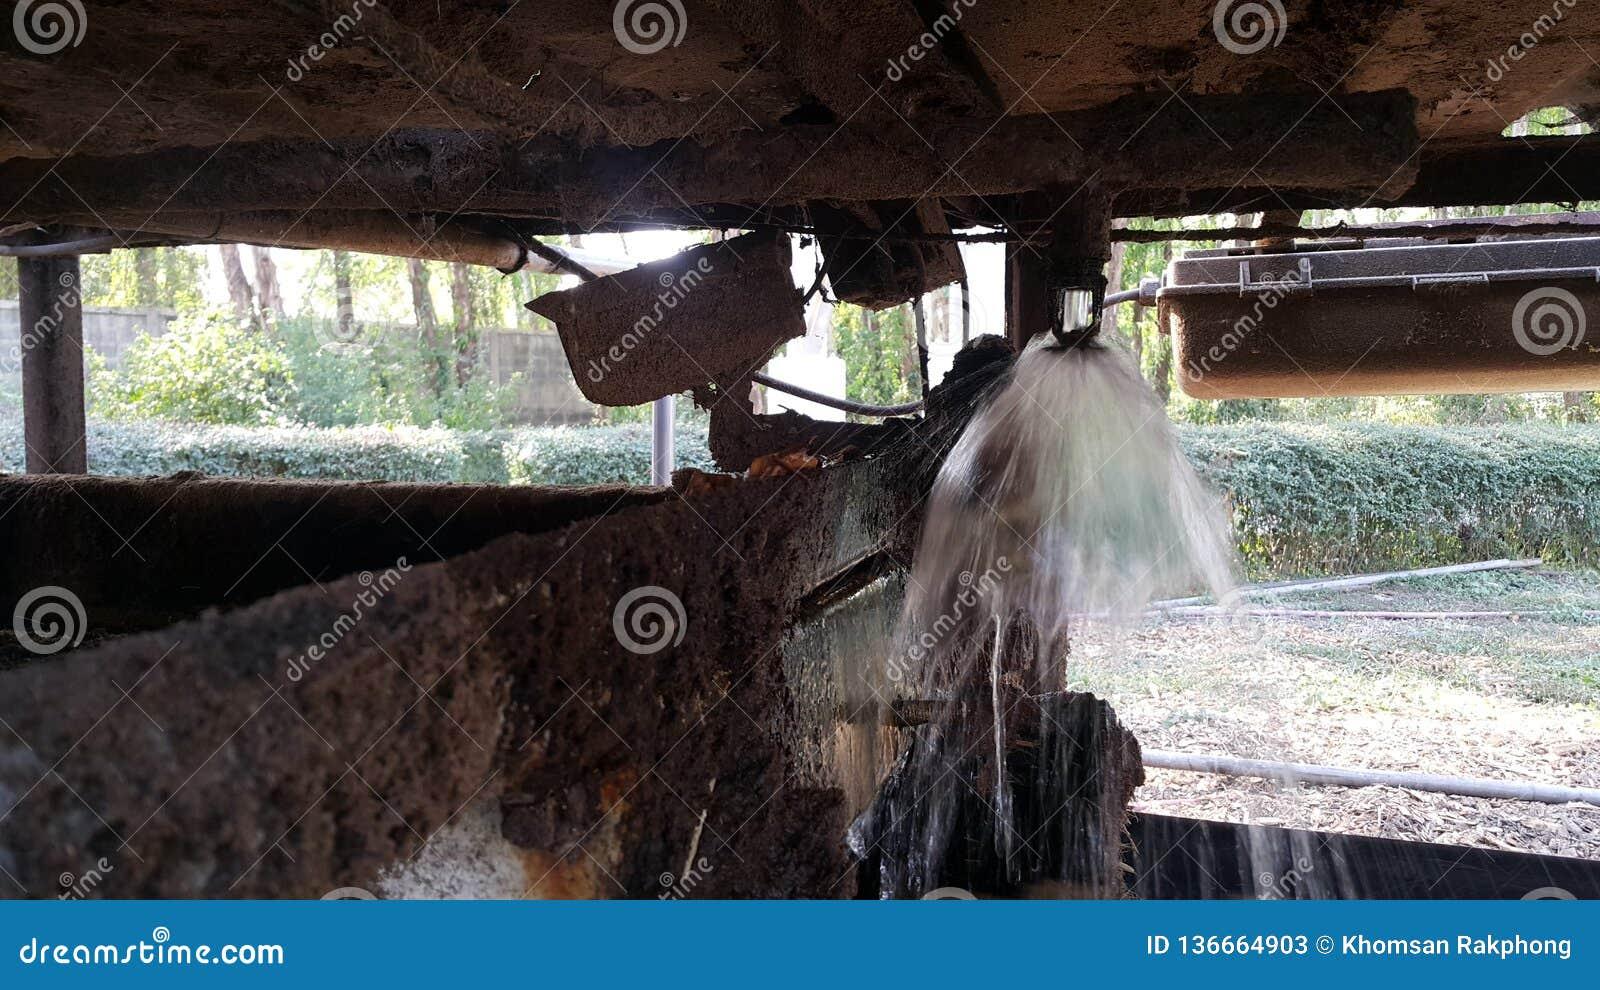 ο άλτης έχει το νερό να εγχύσει στο μεταφορέα ζωνών στη δεξαμενή αποθήκευσης στο εργοστάσιο